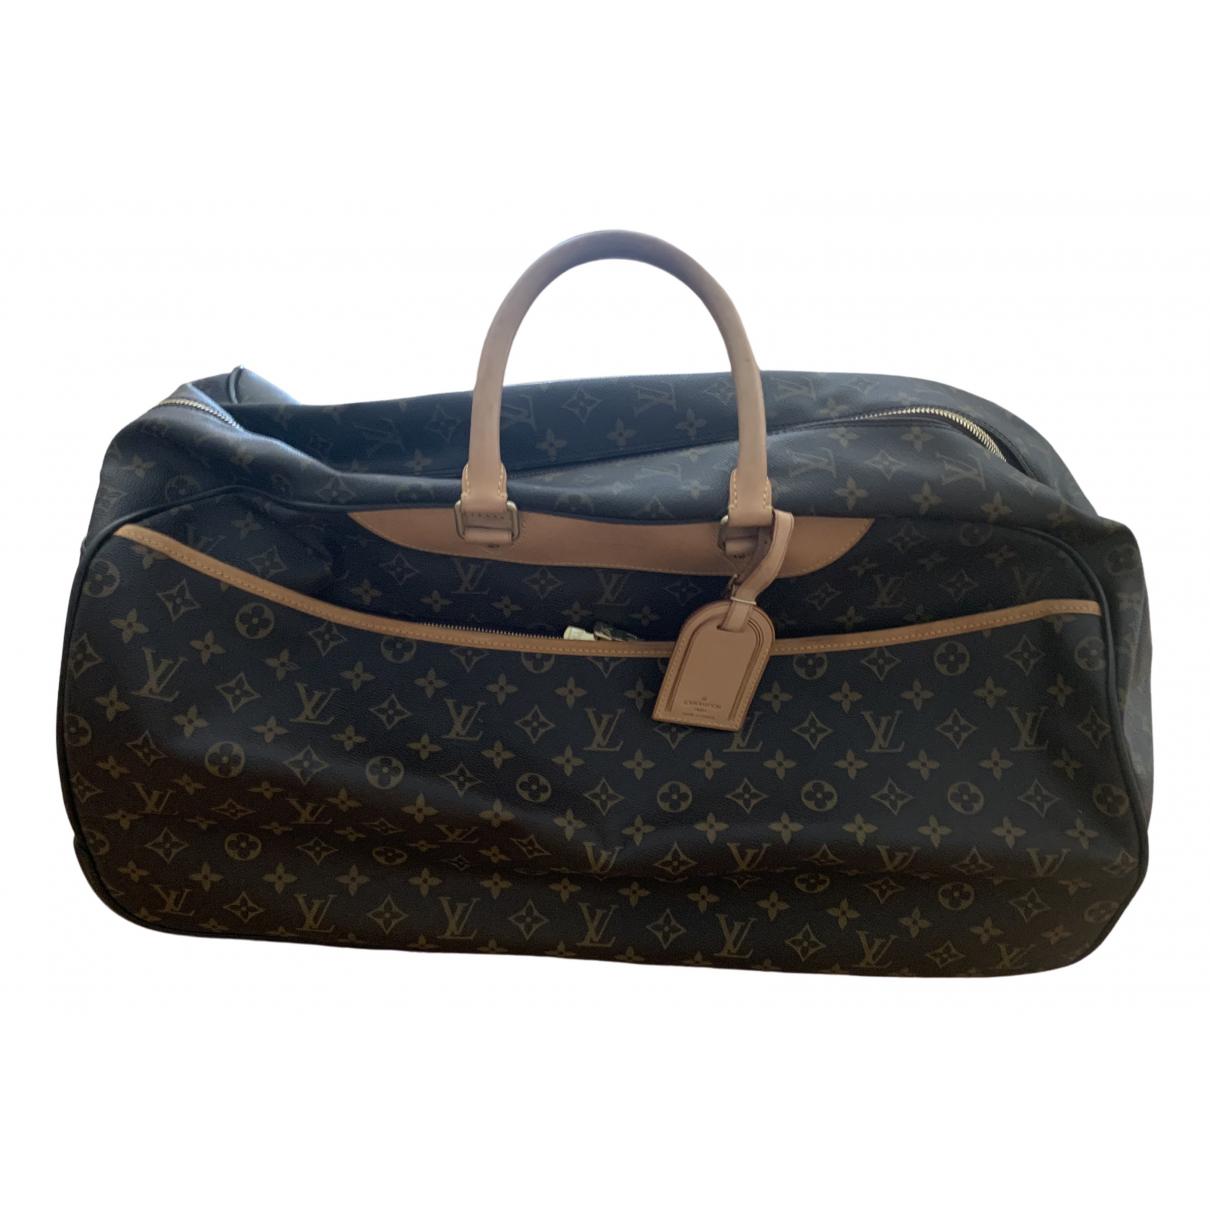 Louis Vuitton - Sac de voyage Eole pour femme en toile - marron